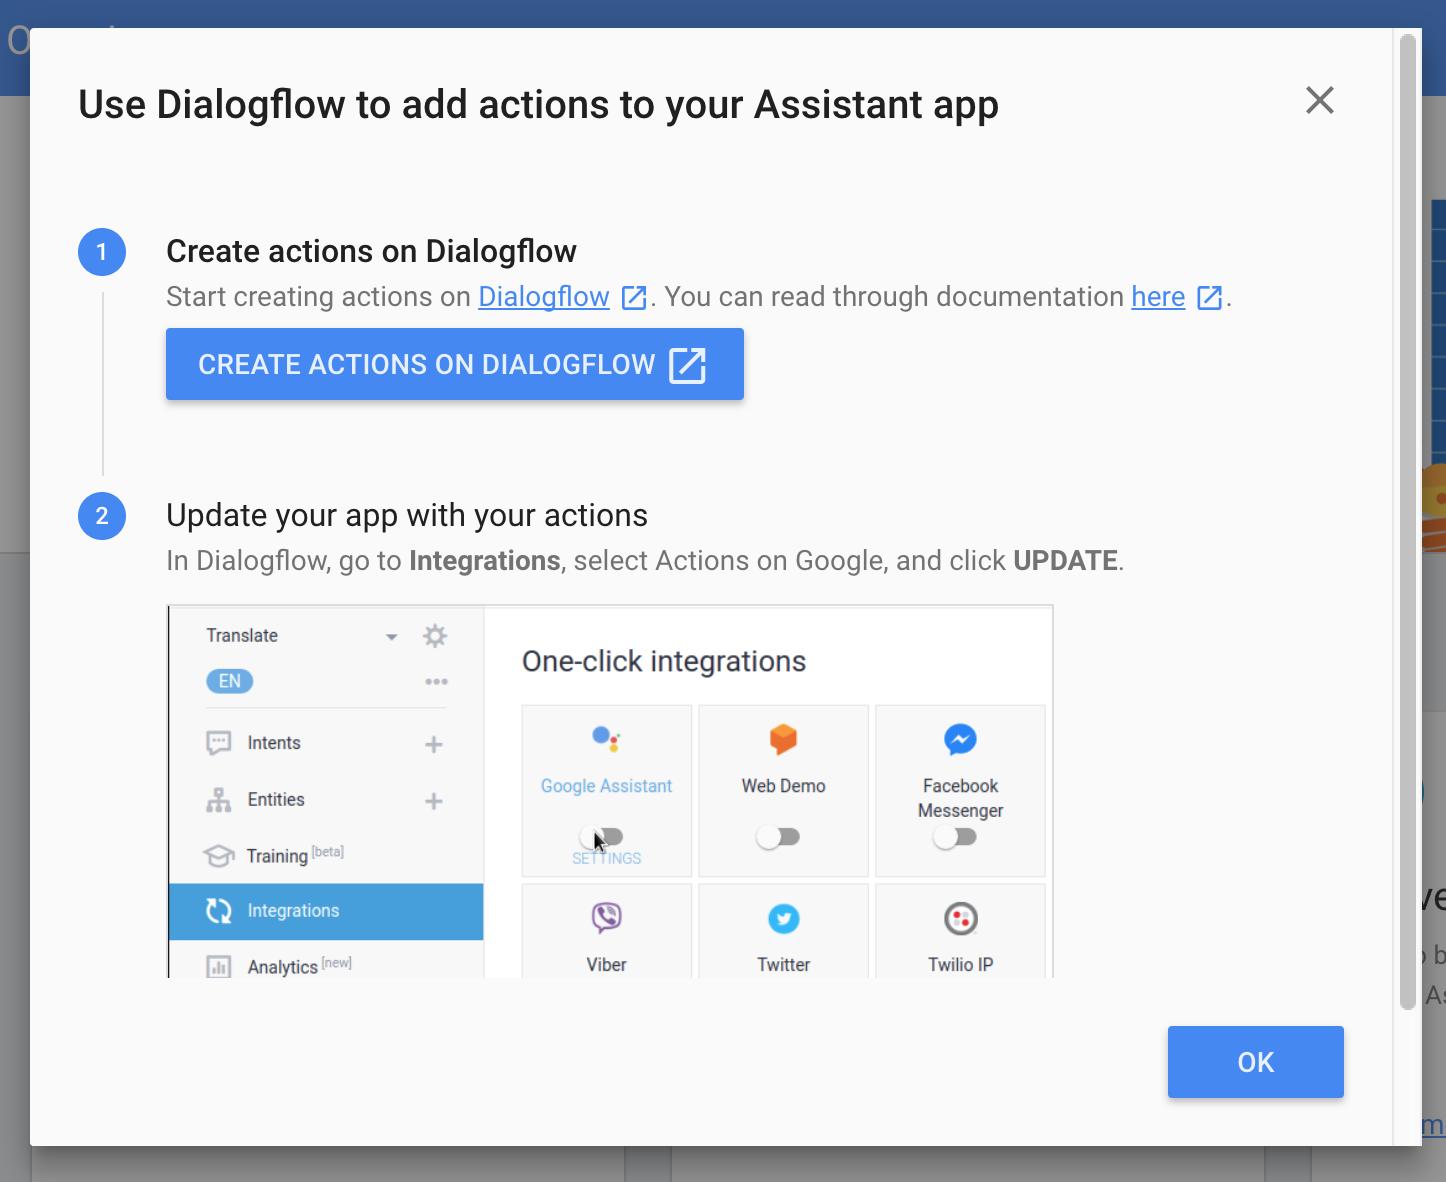 Use_Dialogflow-Dialog.png